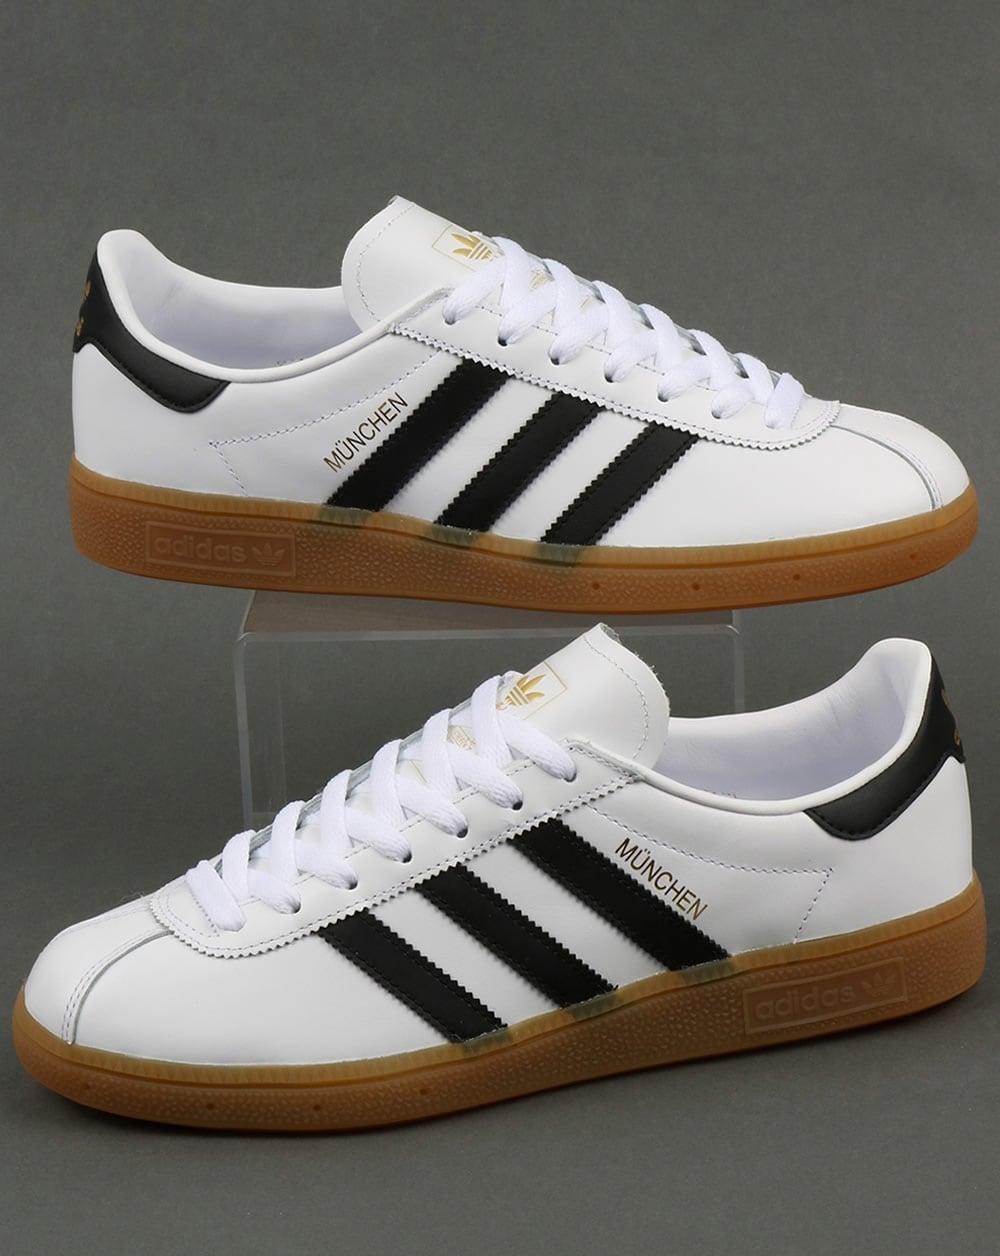 Esplendor apetito El actual  Adidas Munchen Trainers White/Black,leather,originals,shoes,mens